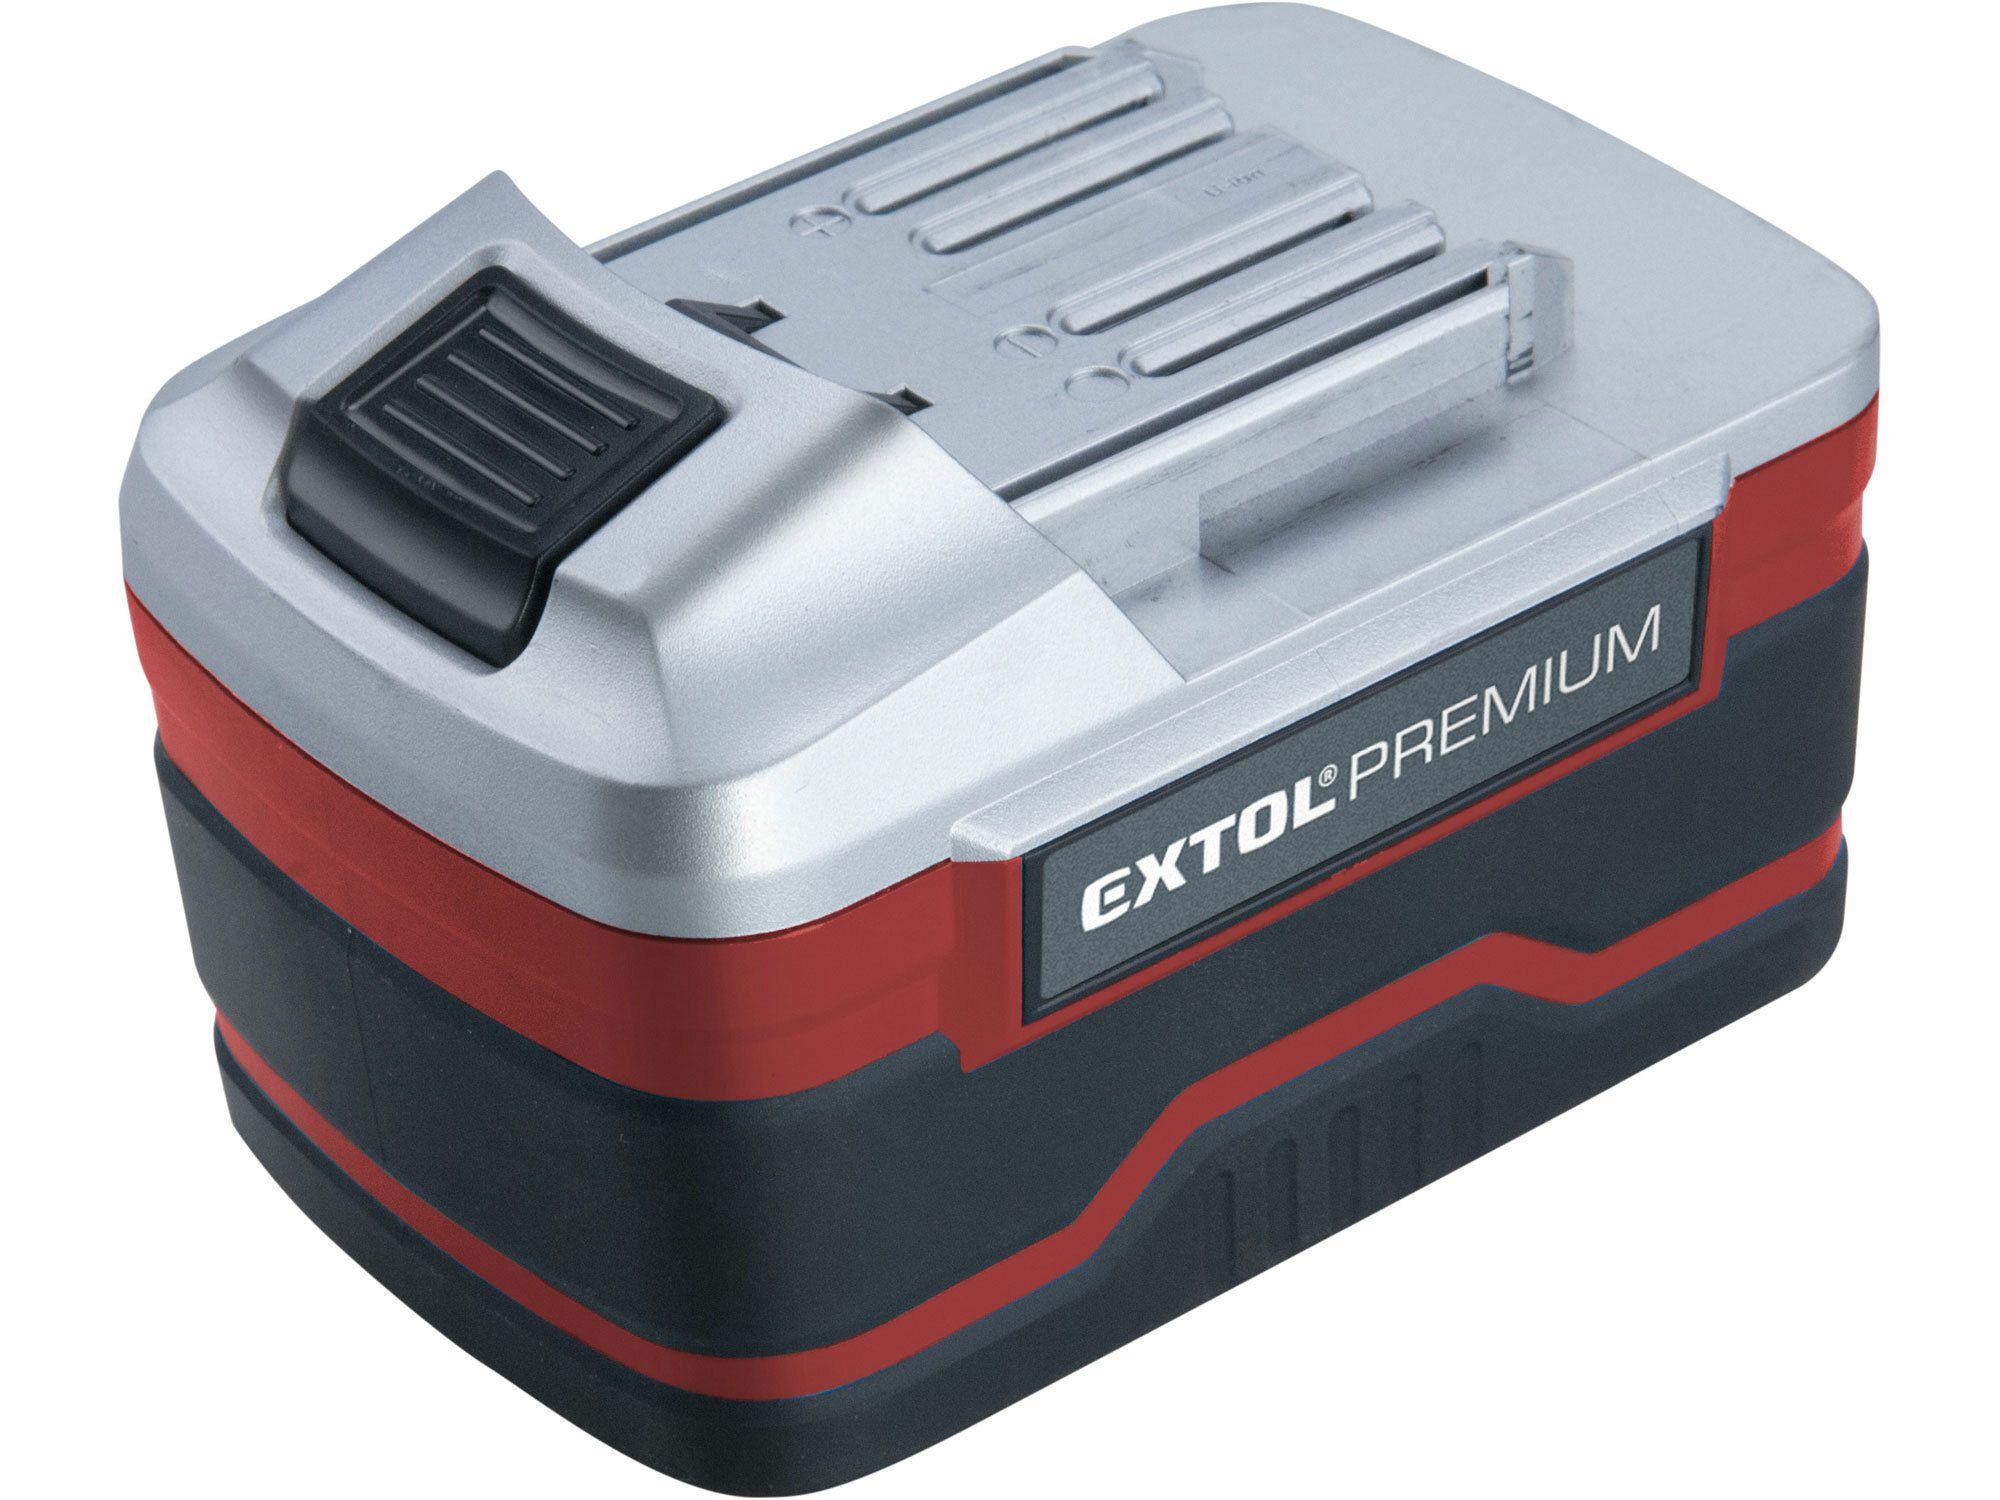 Baterie akumulátorová 18V, Li-ion, 3000mAh, pro 8891220, 8891110, a další, EXTOL PREMIUM